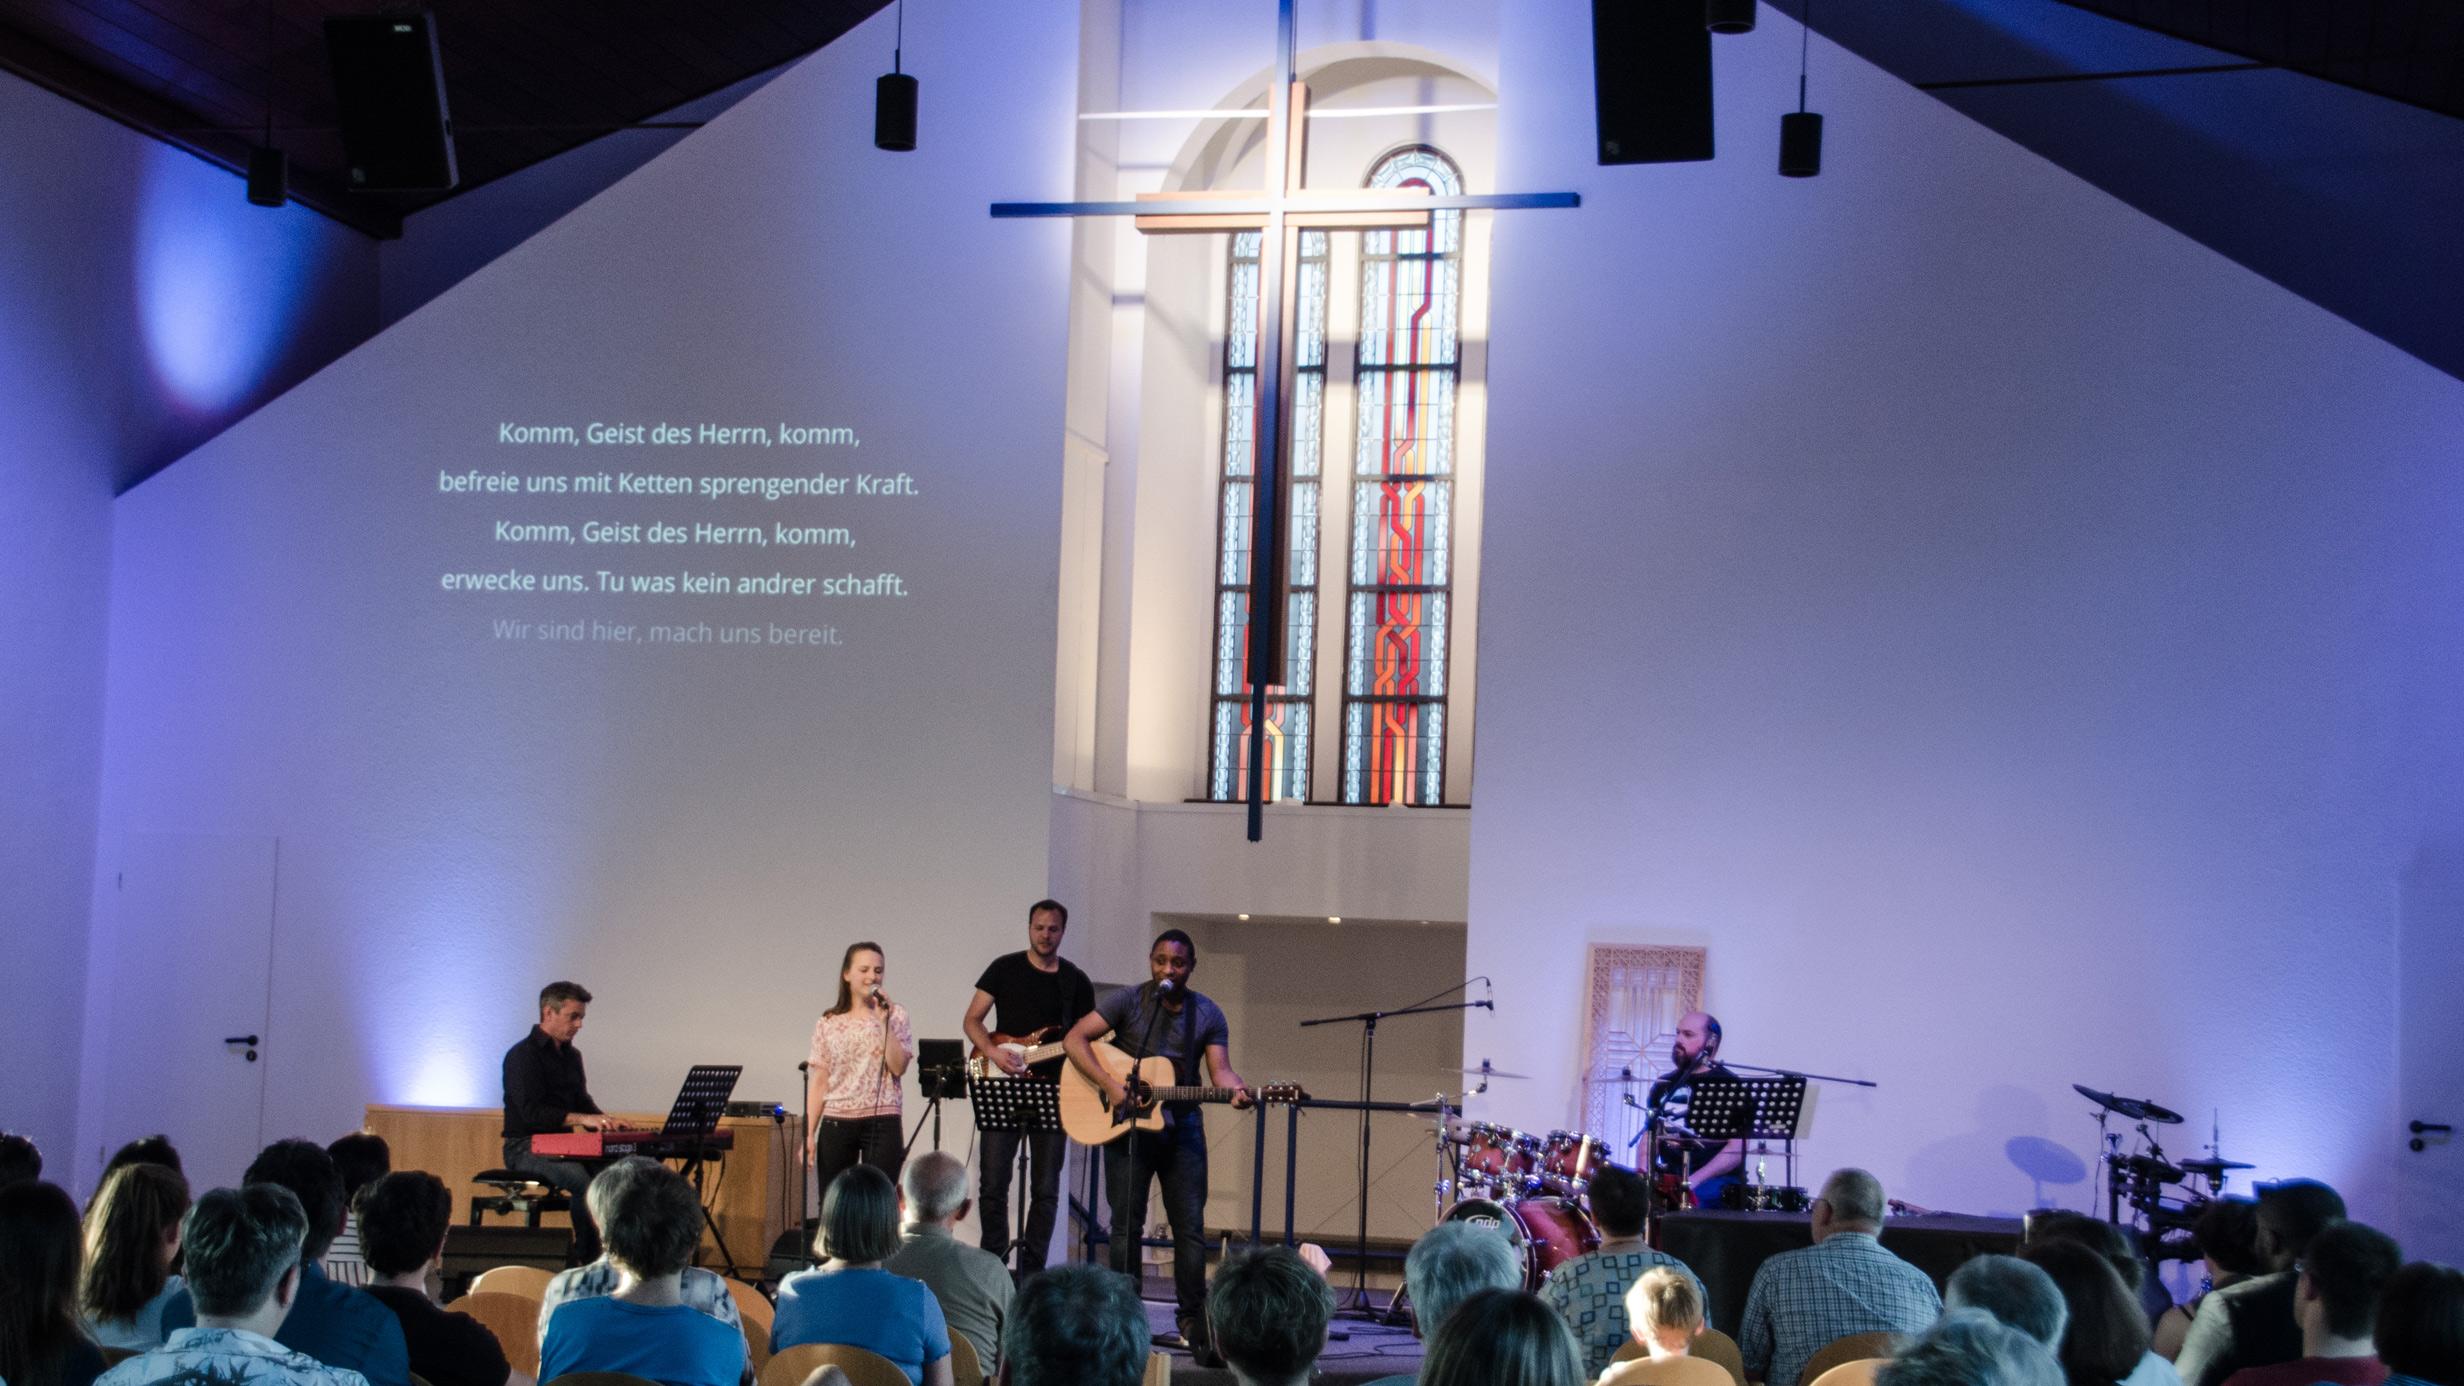 20180505_Kreuzkirche_KonzertSam-13